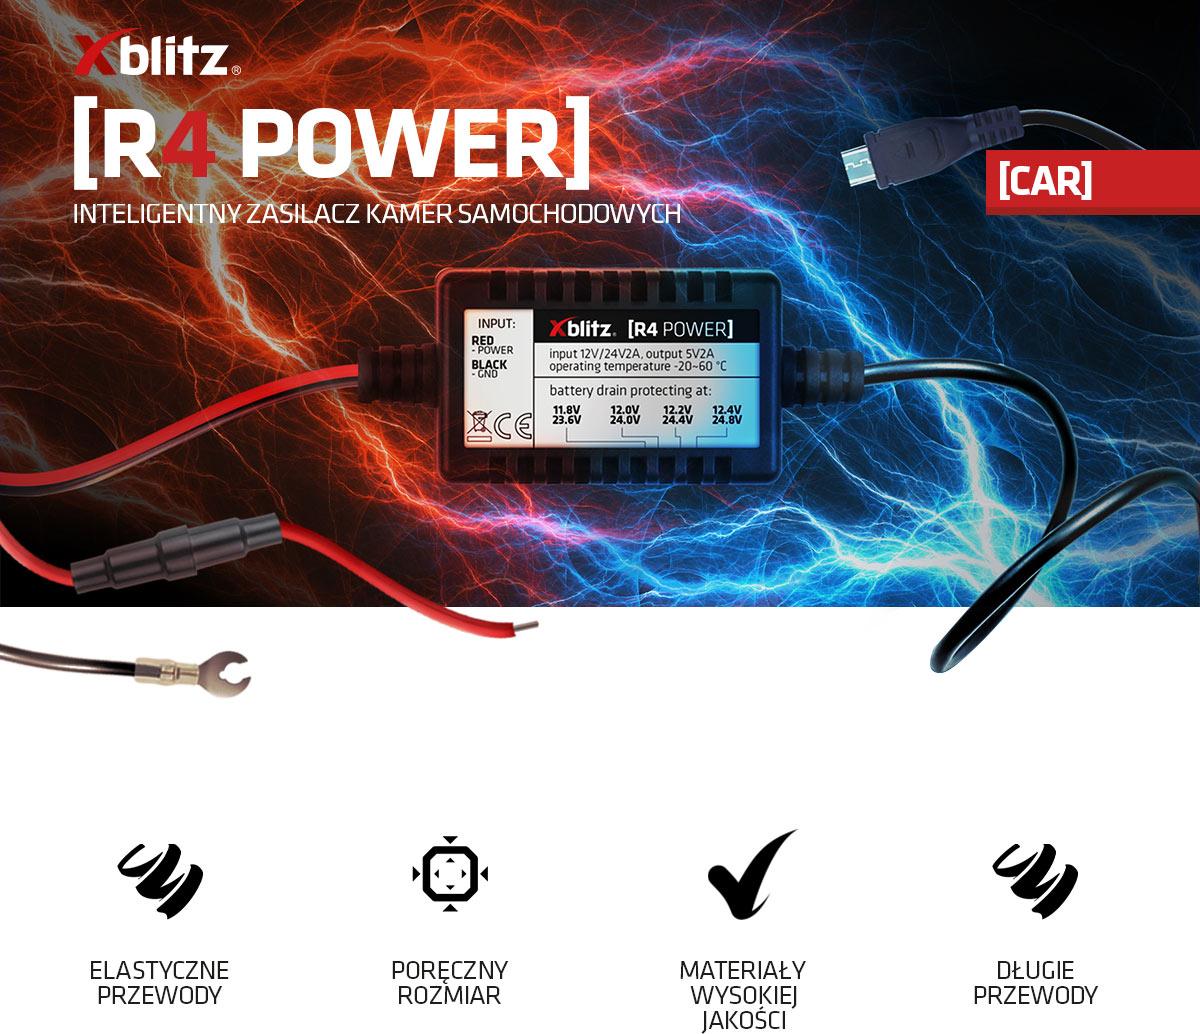 Inteligentny zasilacz kamer samochowych Xblitz R4 POWER